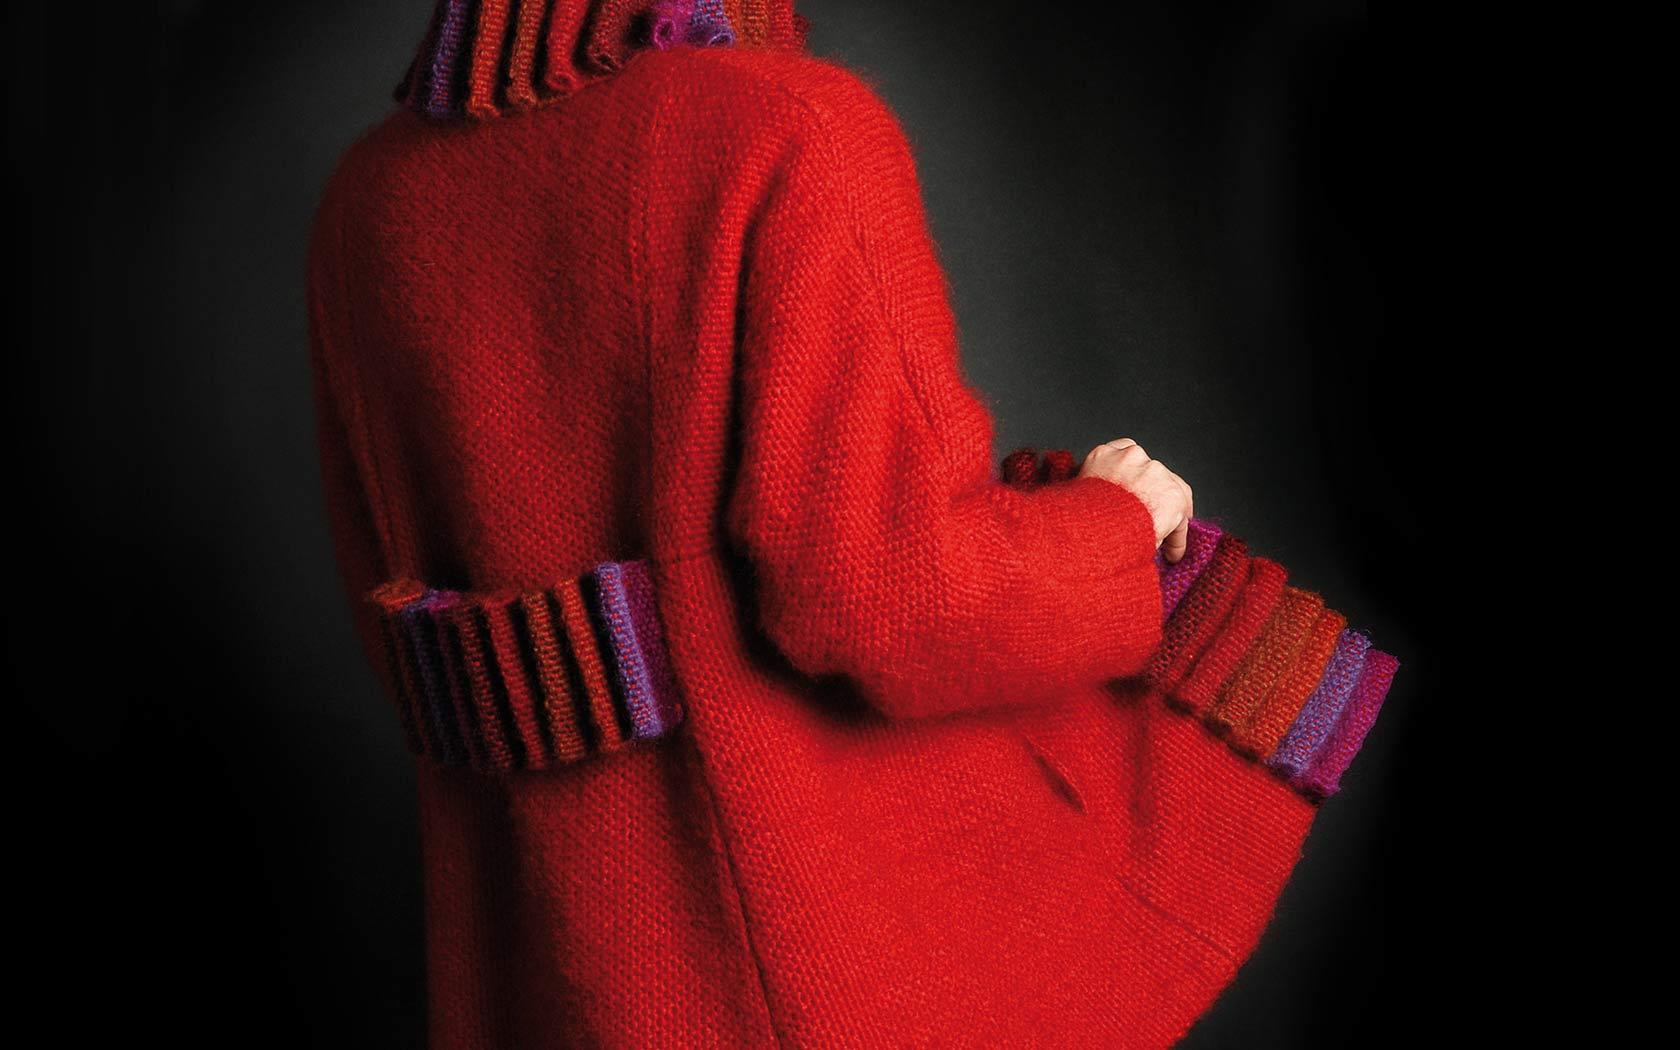 giacca lucia boni